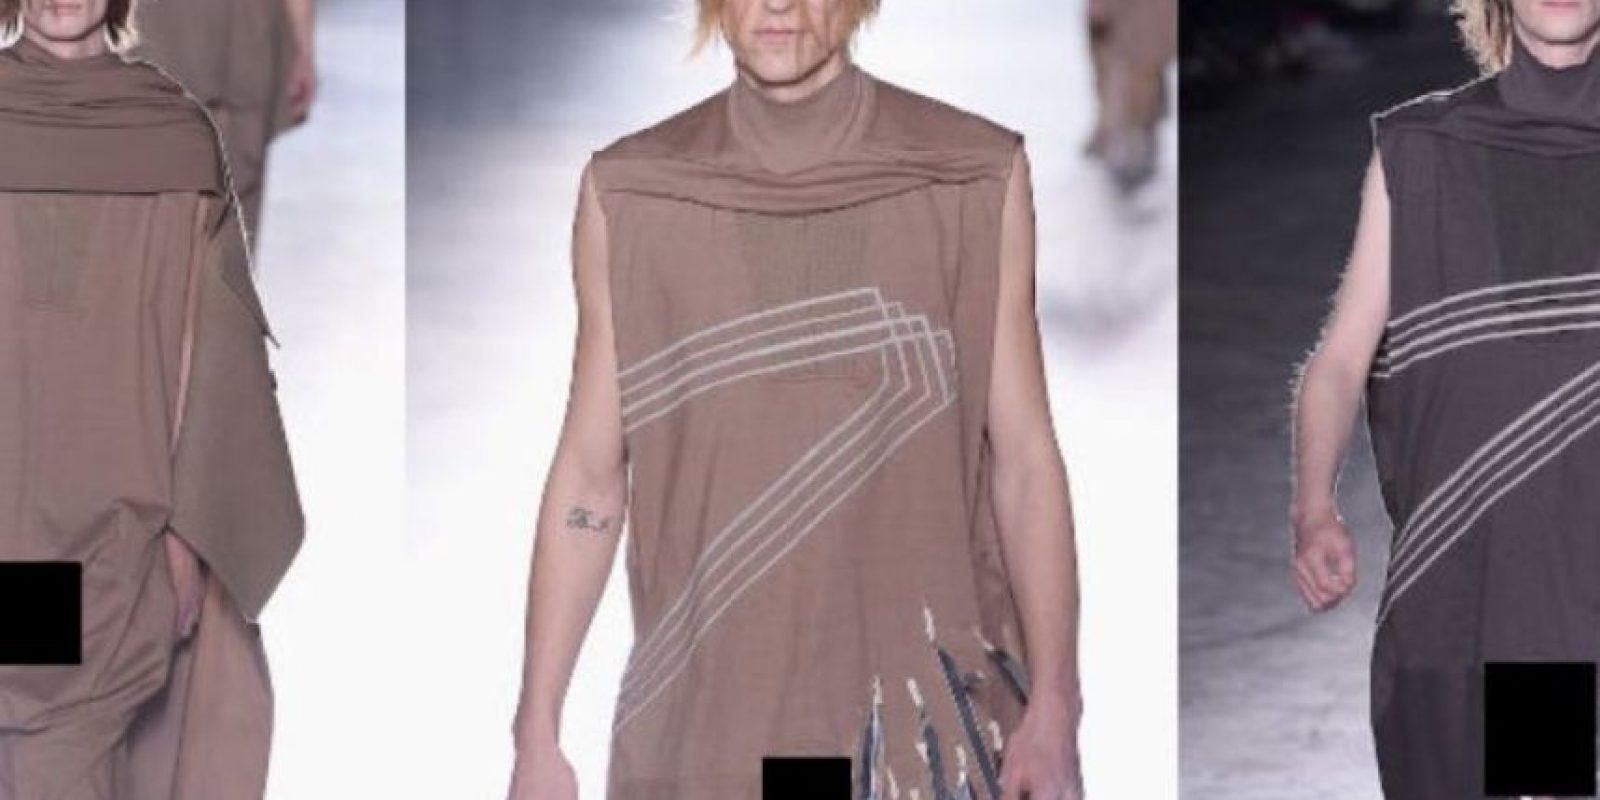 Los diseños de Rick estaban confeccionados para usarse con la parte de arriba hacia abajo, de esta manera algunas prendas dejaban un orificio a la altura de los genitales. Foto:Getty Images